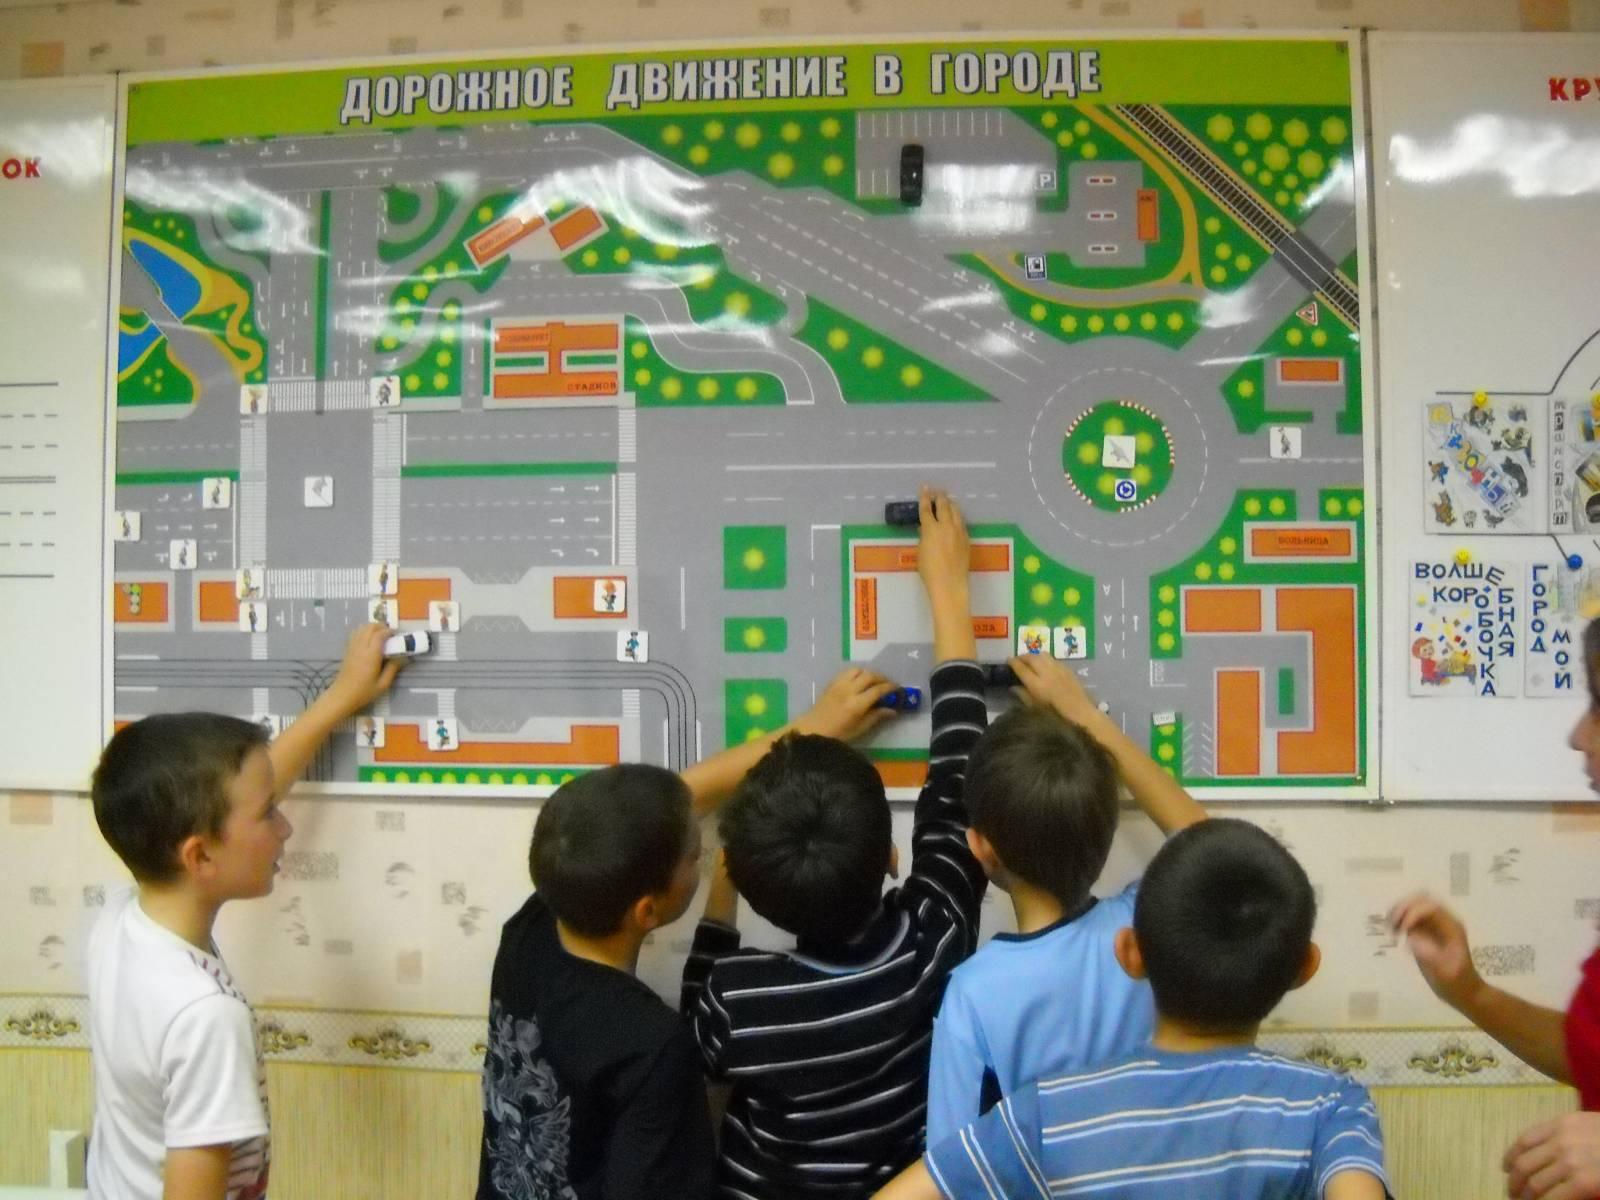 Автогородок г владимир фото детский 6